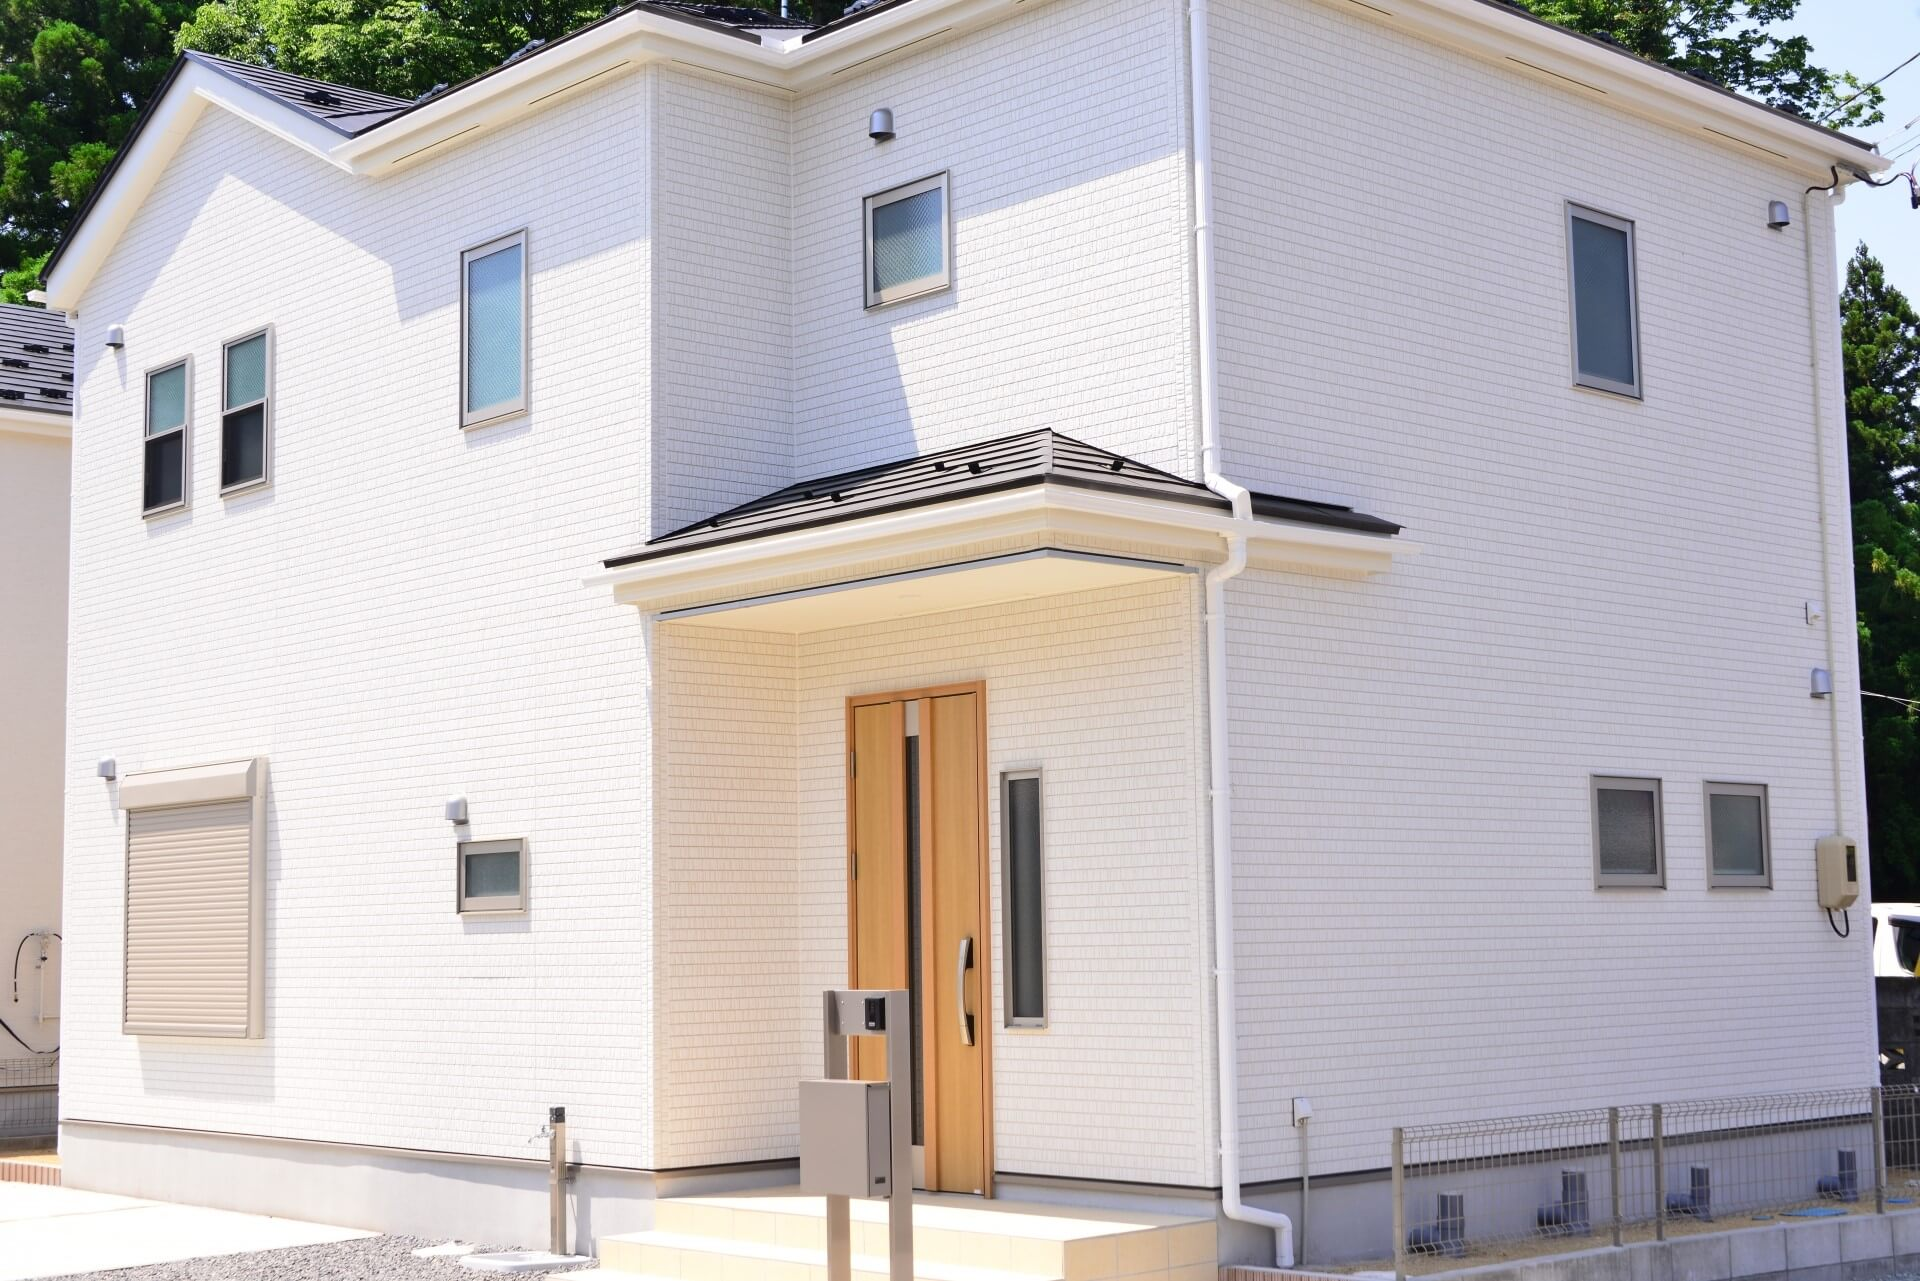 新築住宅とは竣工後1年以内で未入居